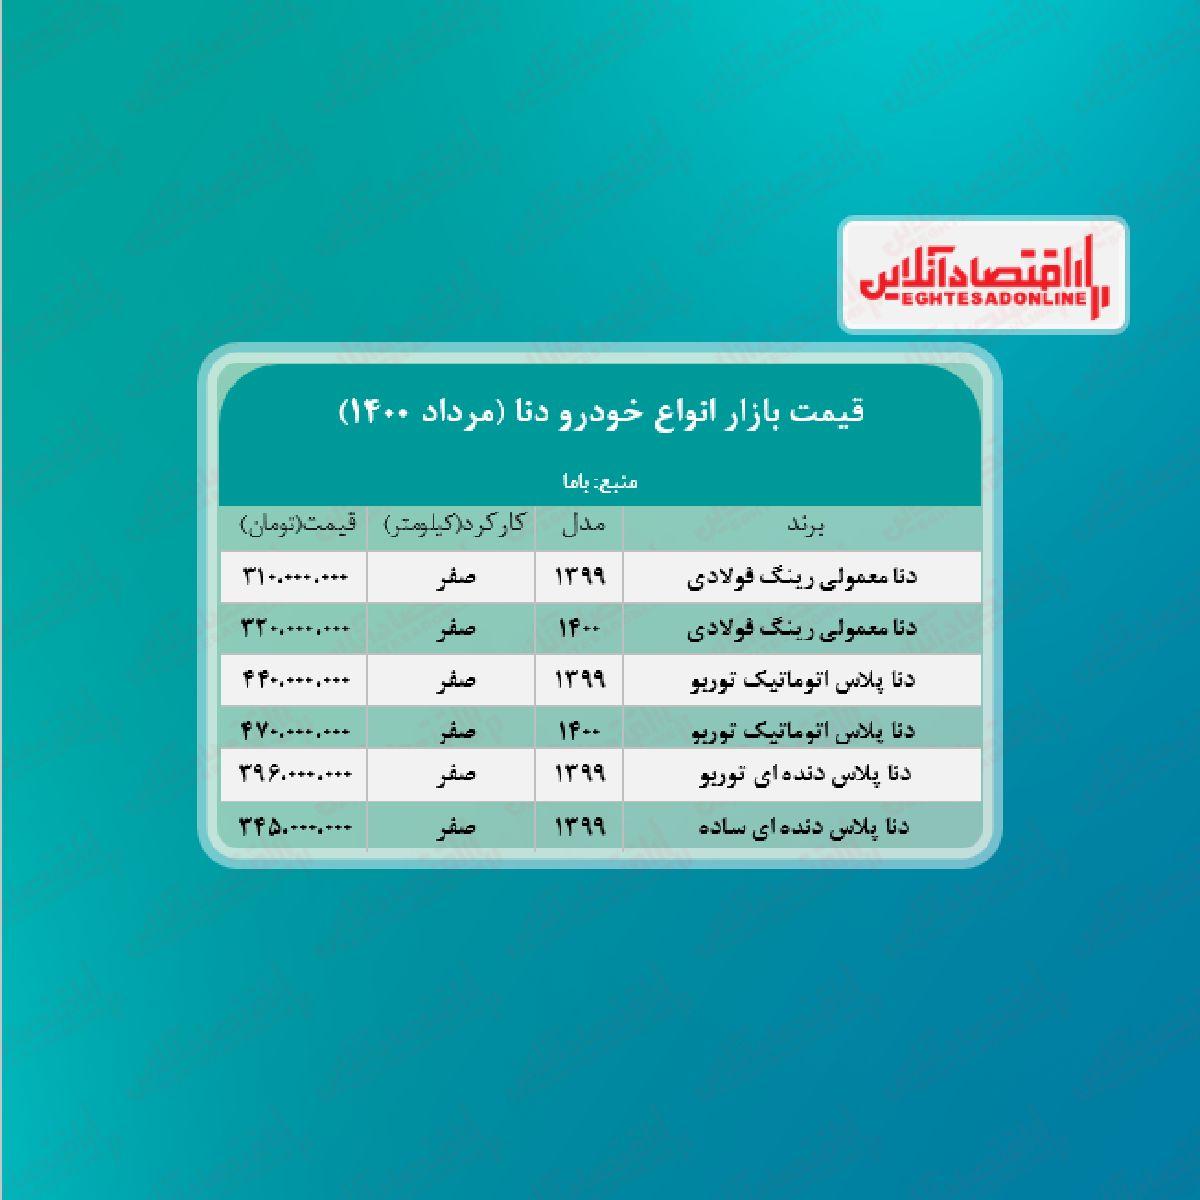 قیمت خودرو دنا در تهران + جدول